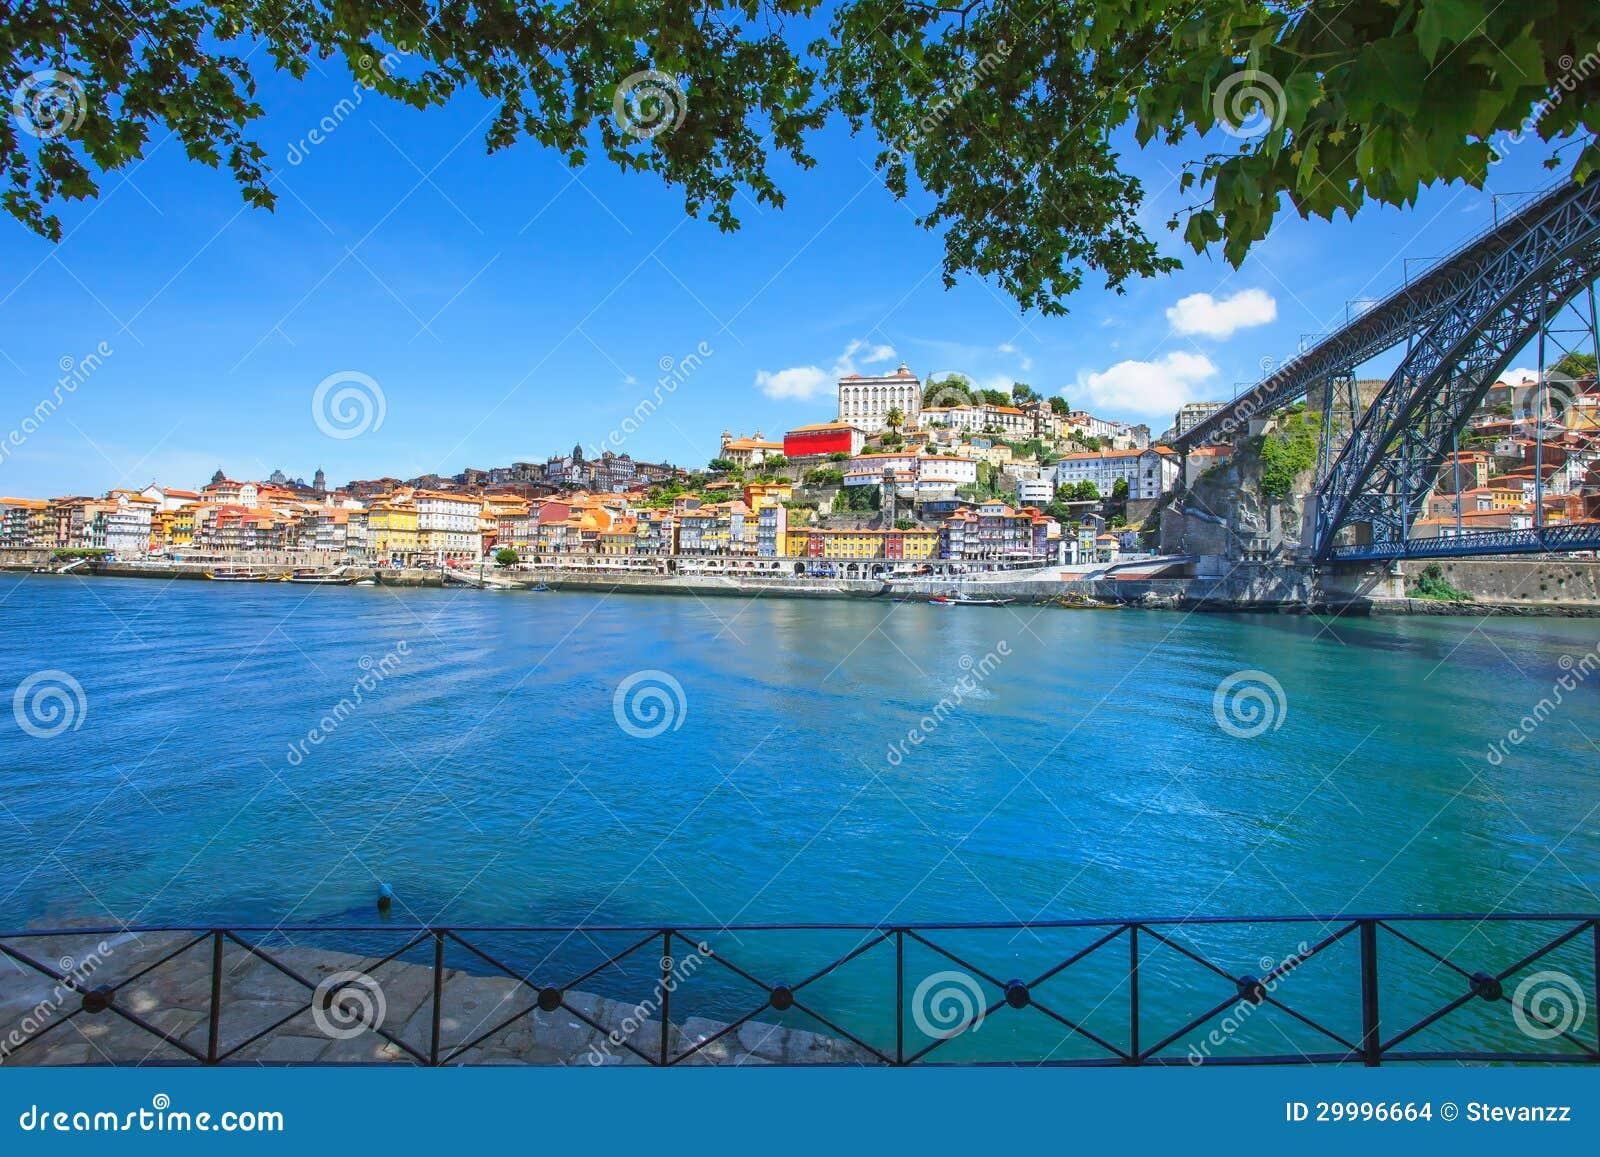 Oporto lub Porto linia horyzontu Douro rzeka i żelazo most. Portugalia, Europa.